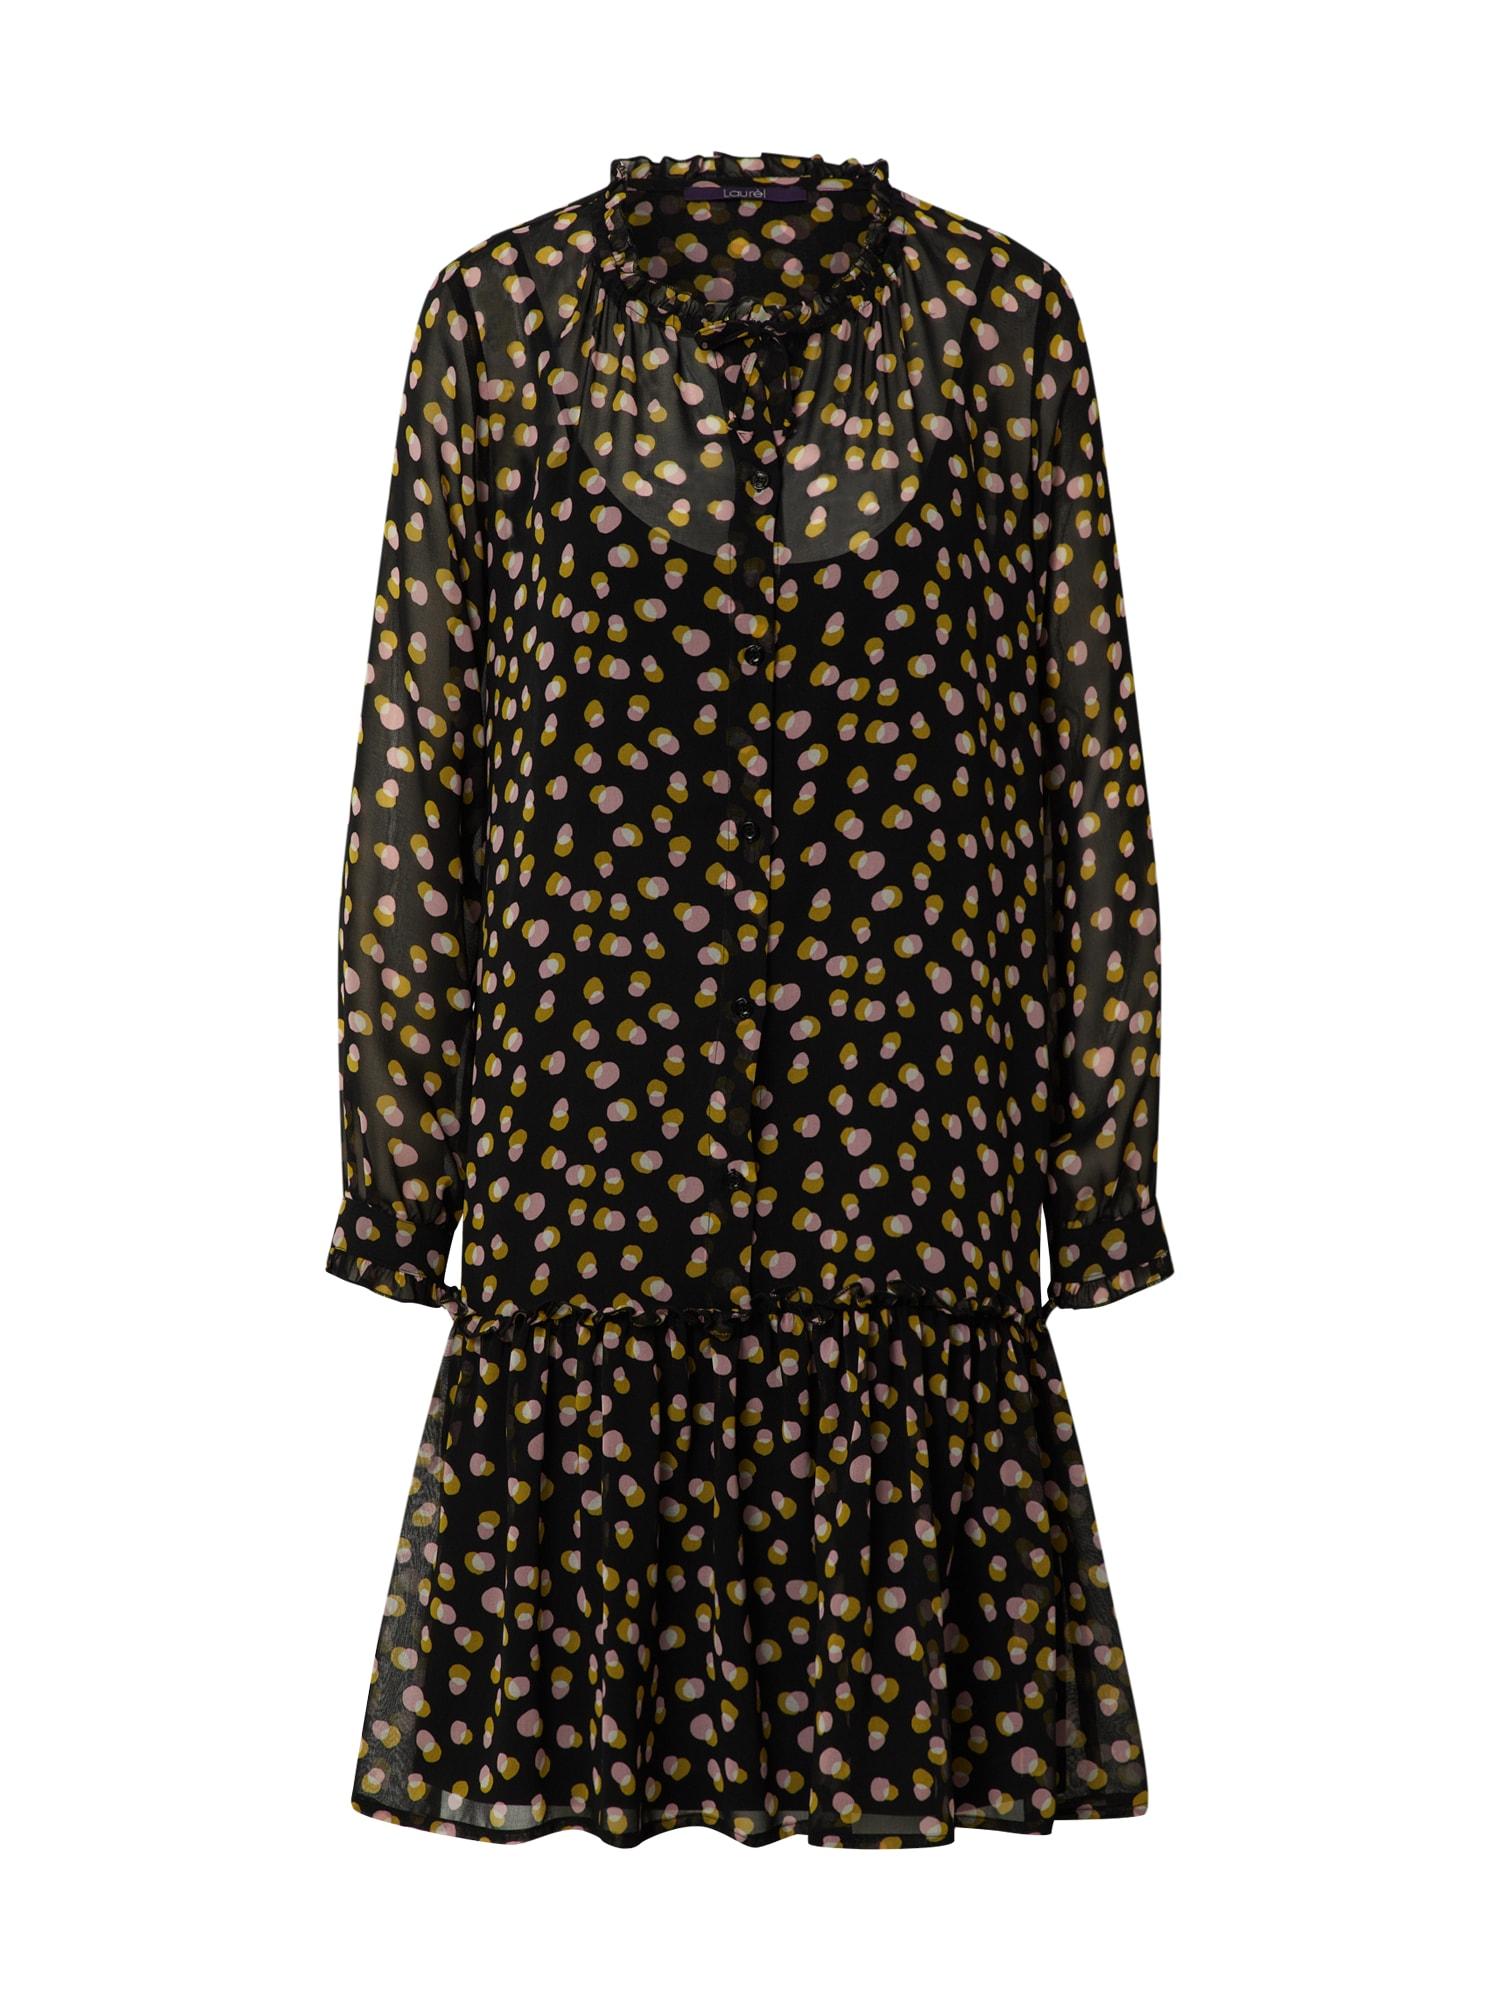 LAUREL Palaidinės tipo suknelė juoda / mišrios spalvos